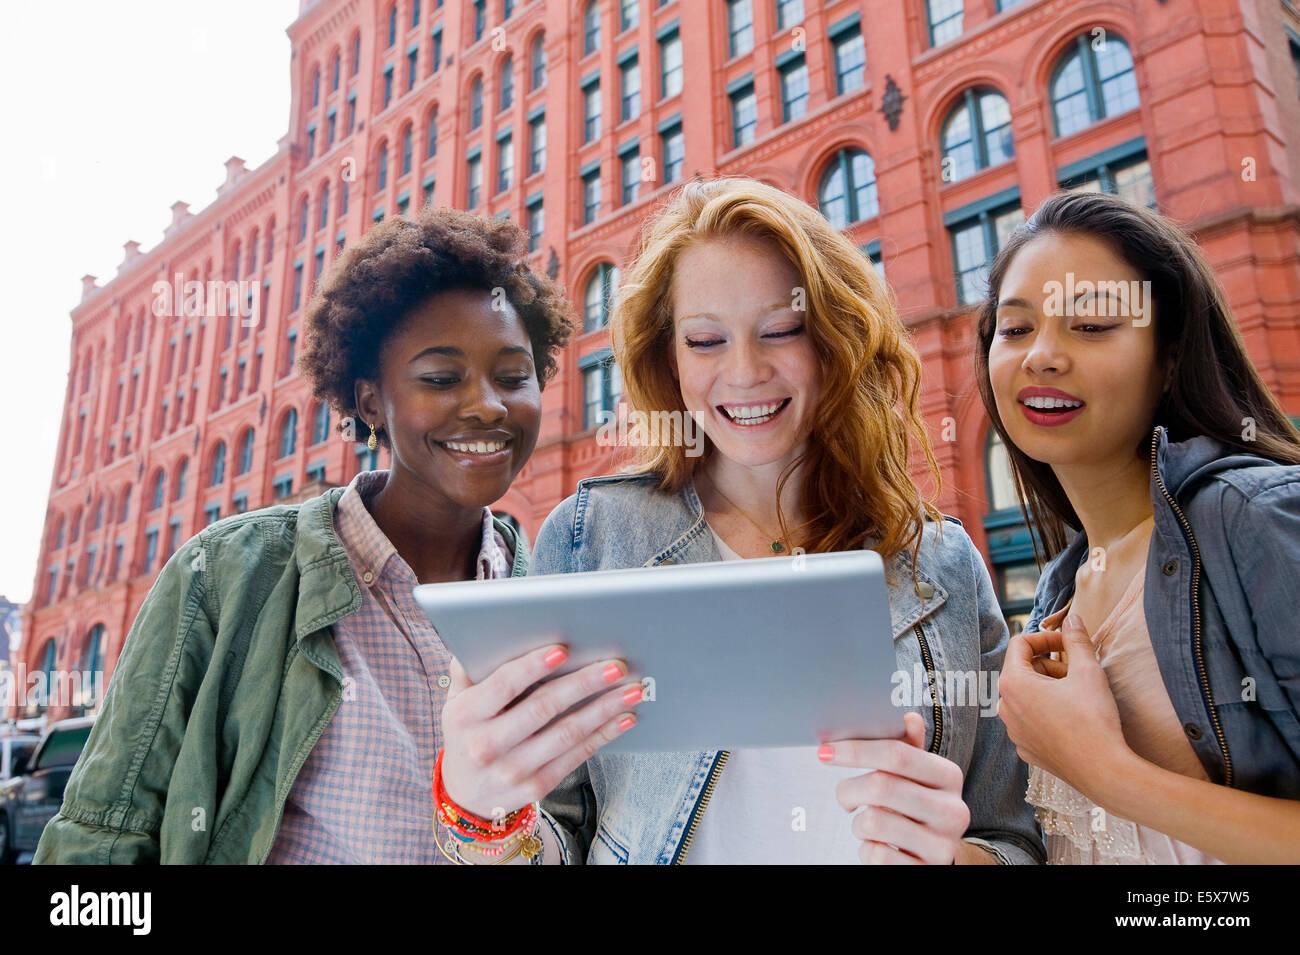 Tre giovani donne guardando digitale compressa in strada Immagini Stock